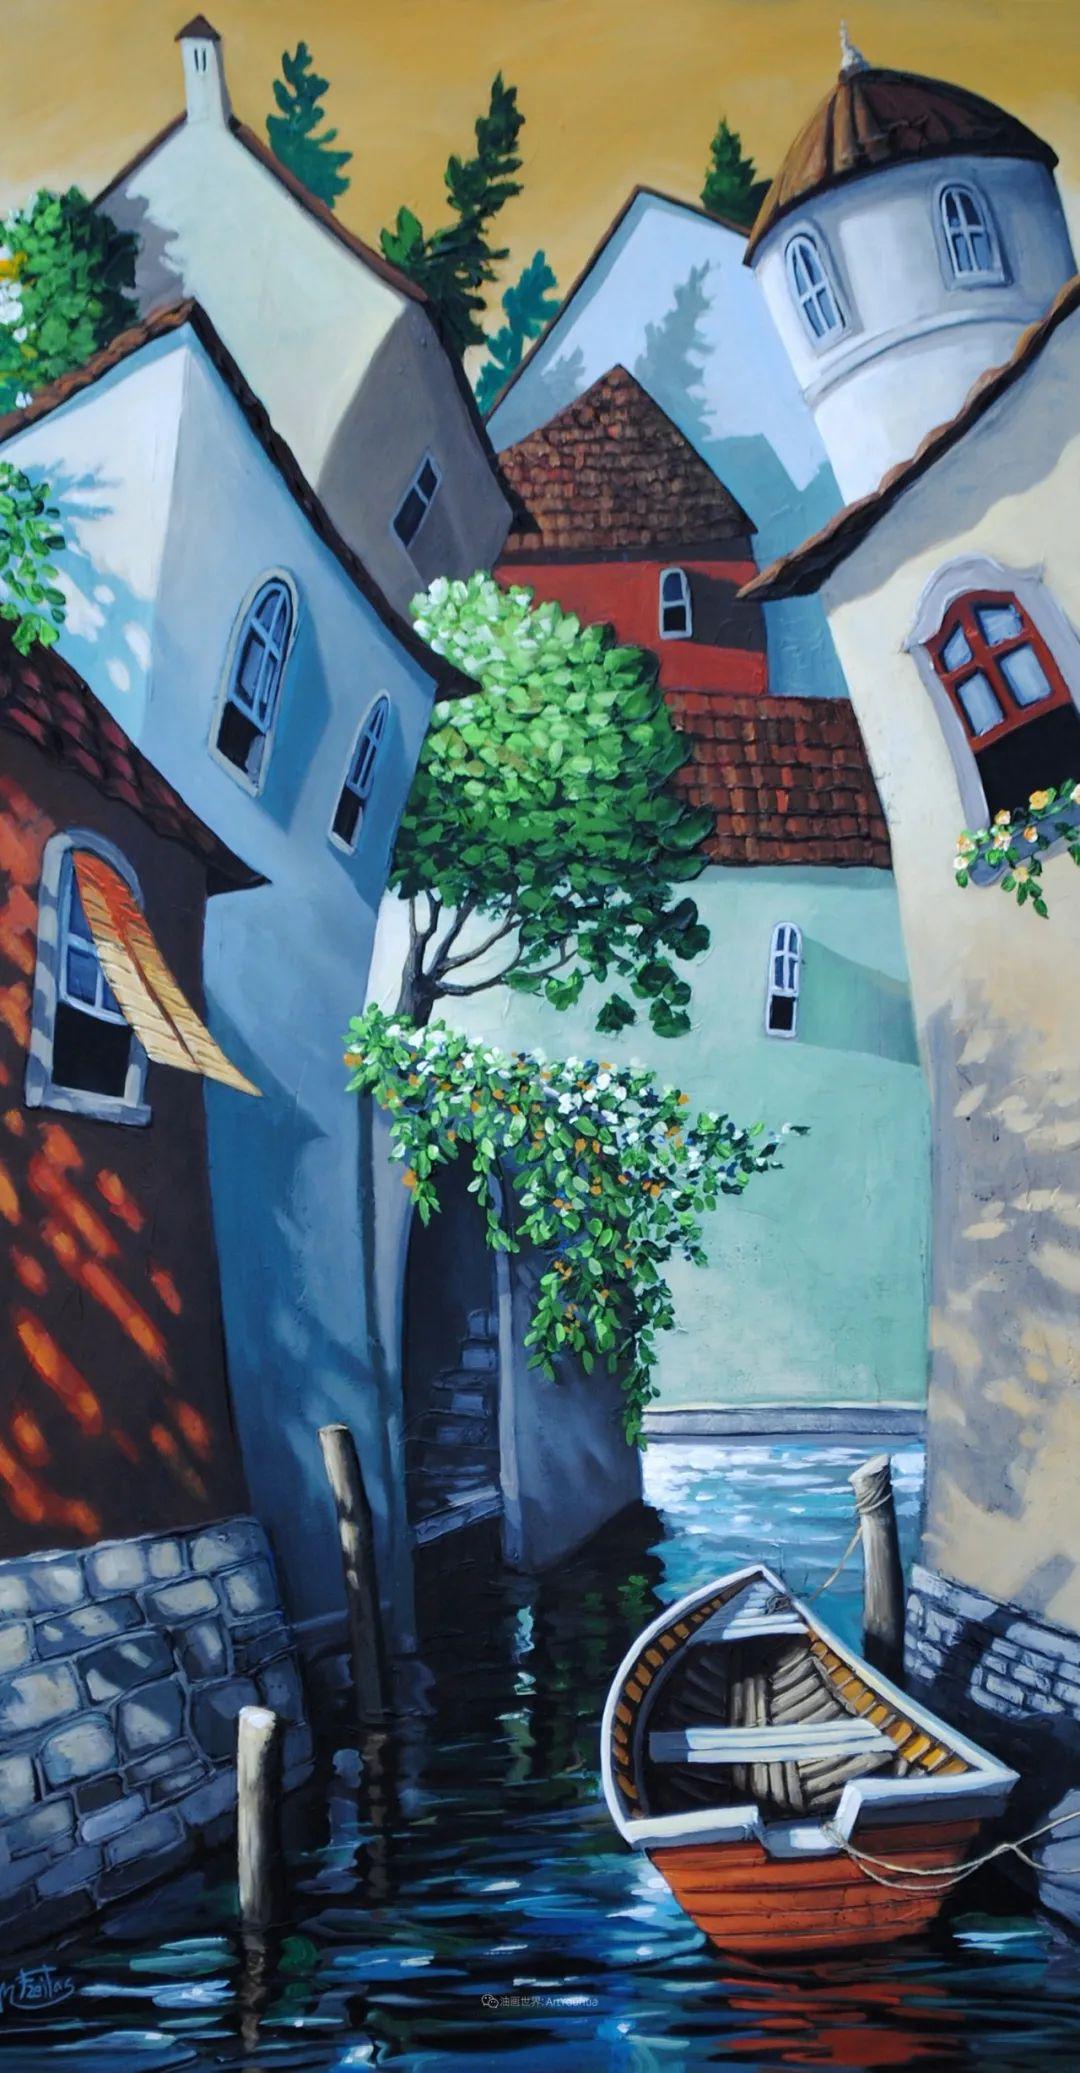 独特的风格,鲜艳的色彩!葡萄牙画家米格尔·弗雷塔斯插图23